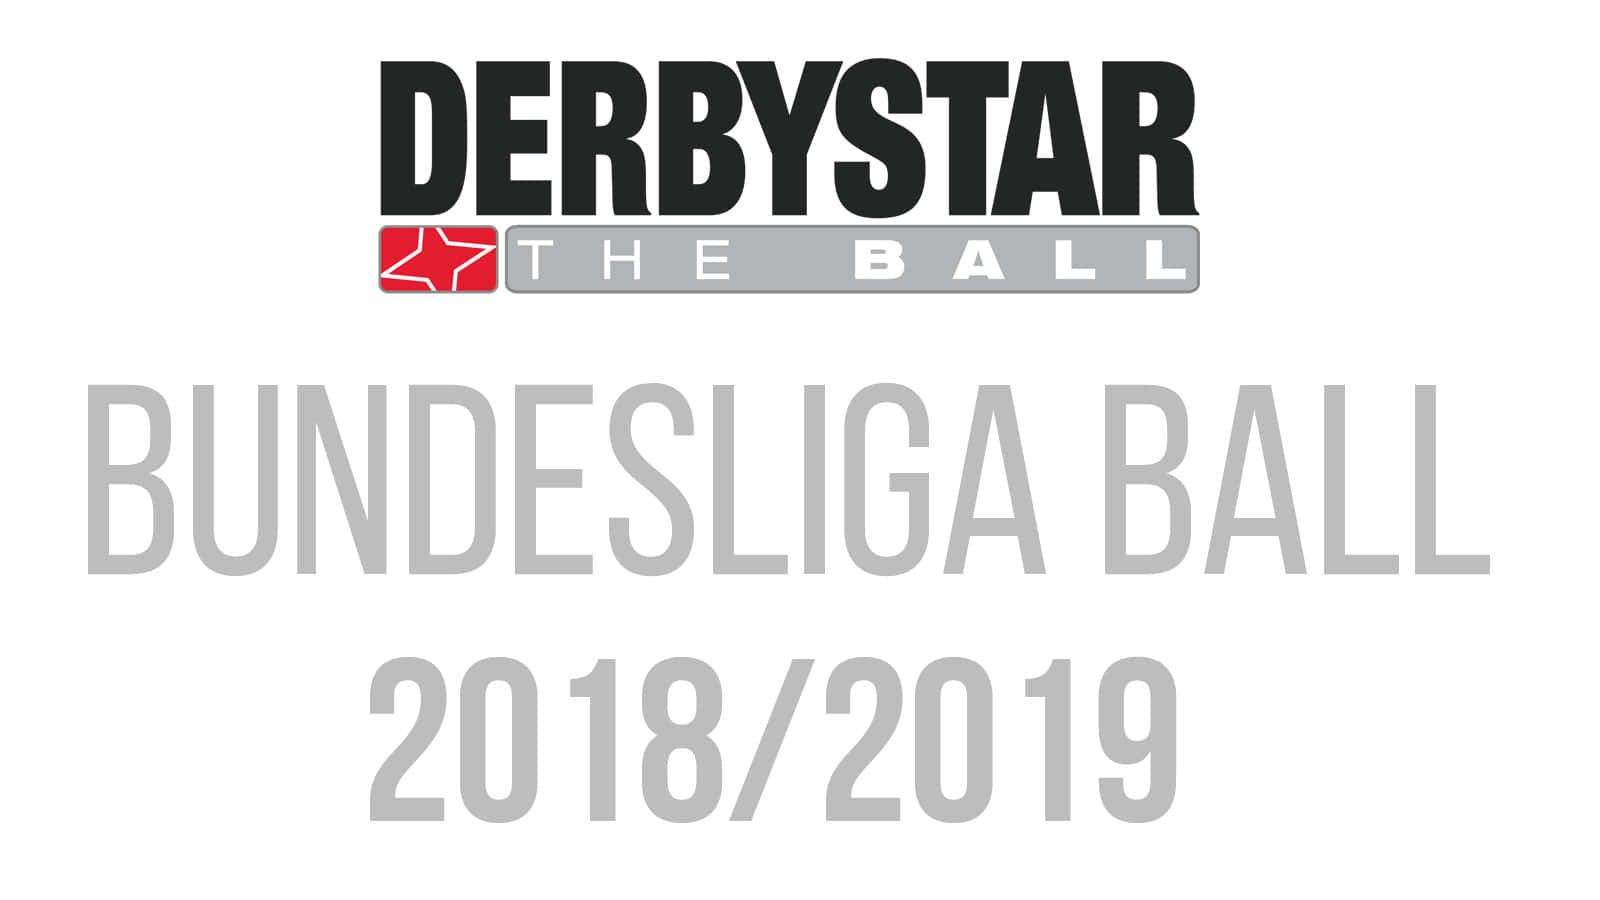 Der Derbystar Bundesliga Spielball 2018 2019 als Bundesliga Ball